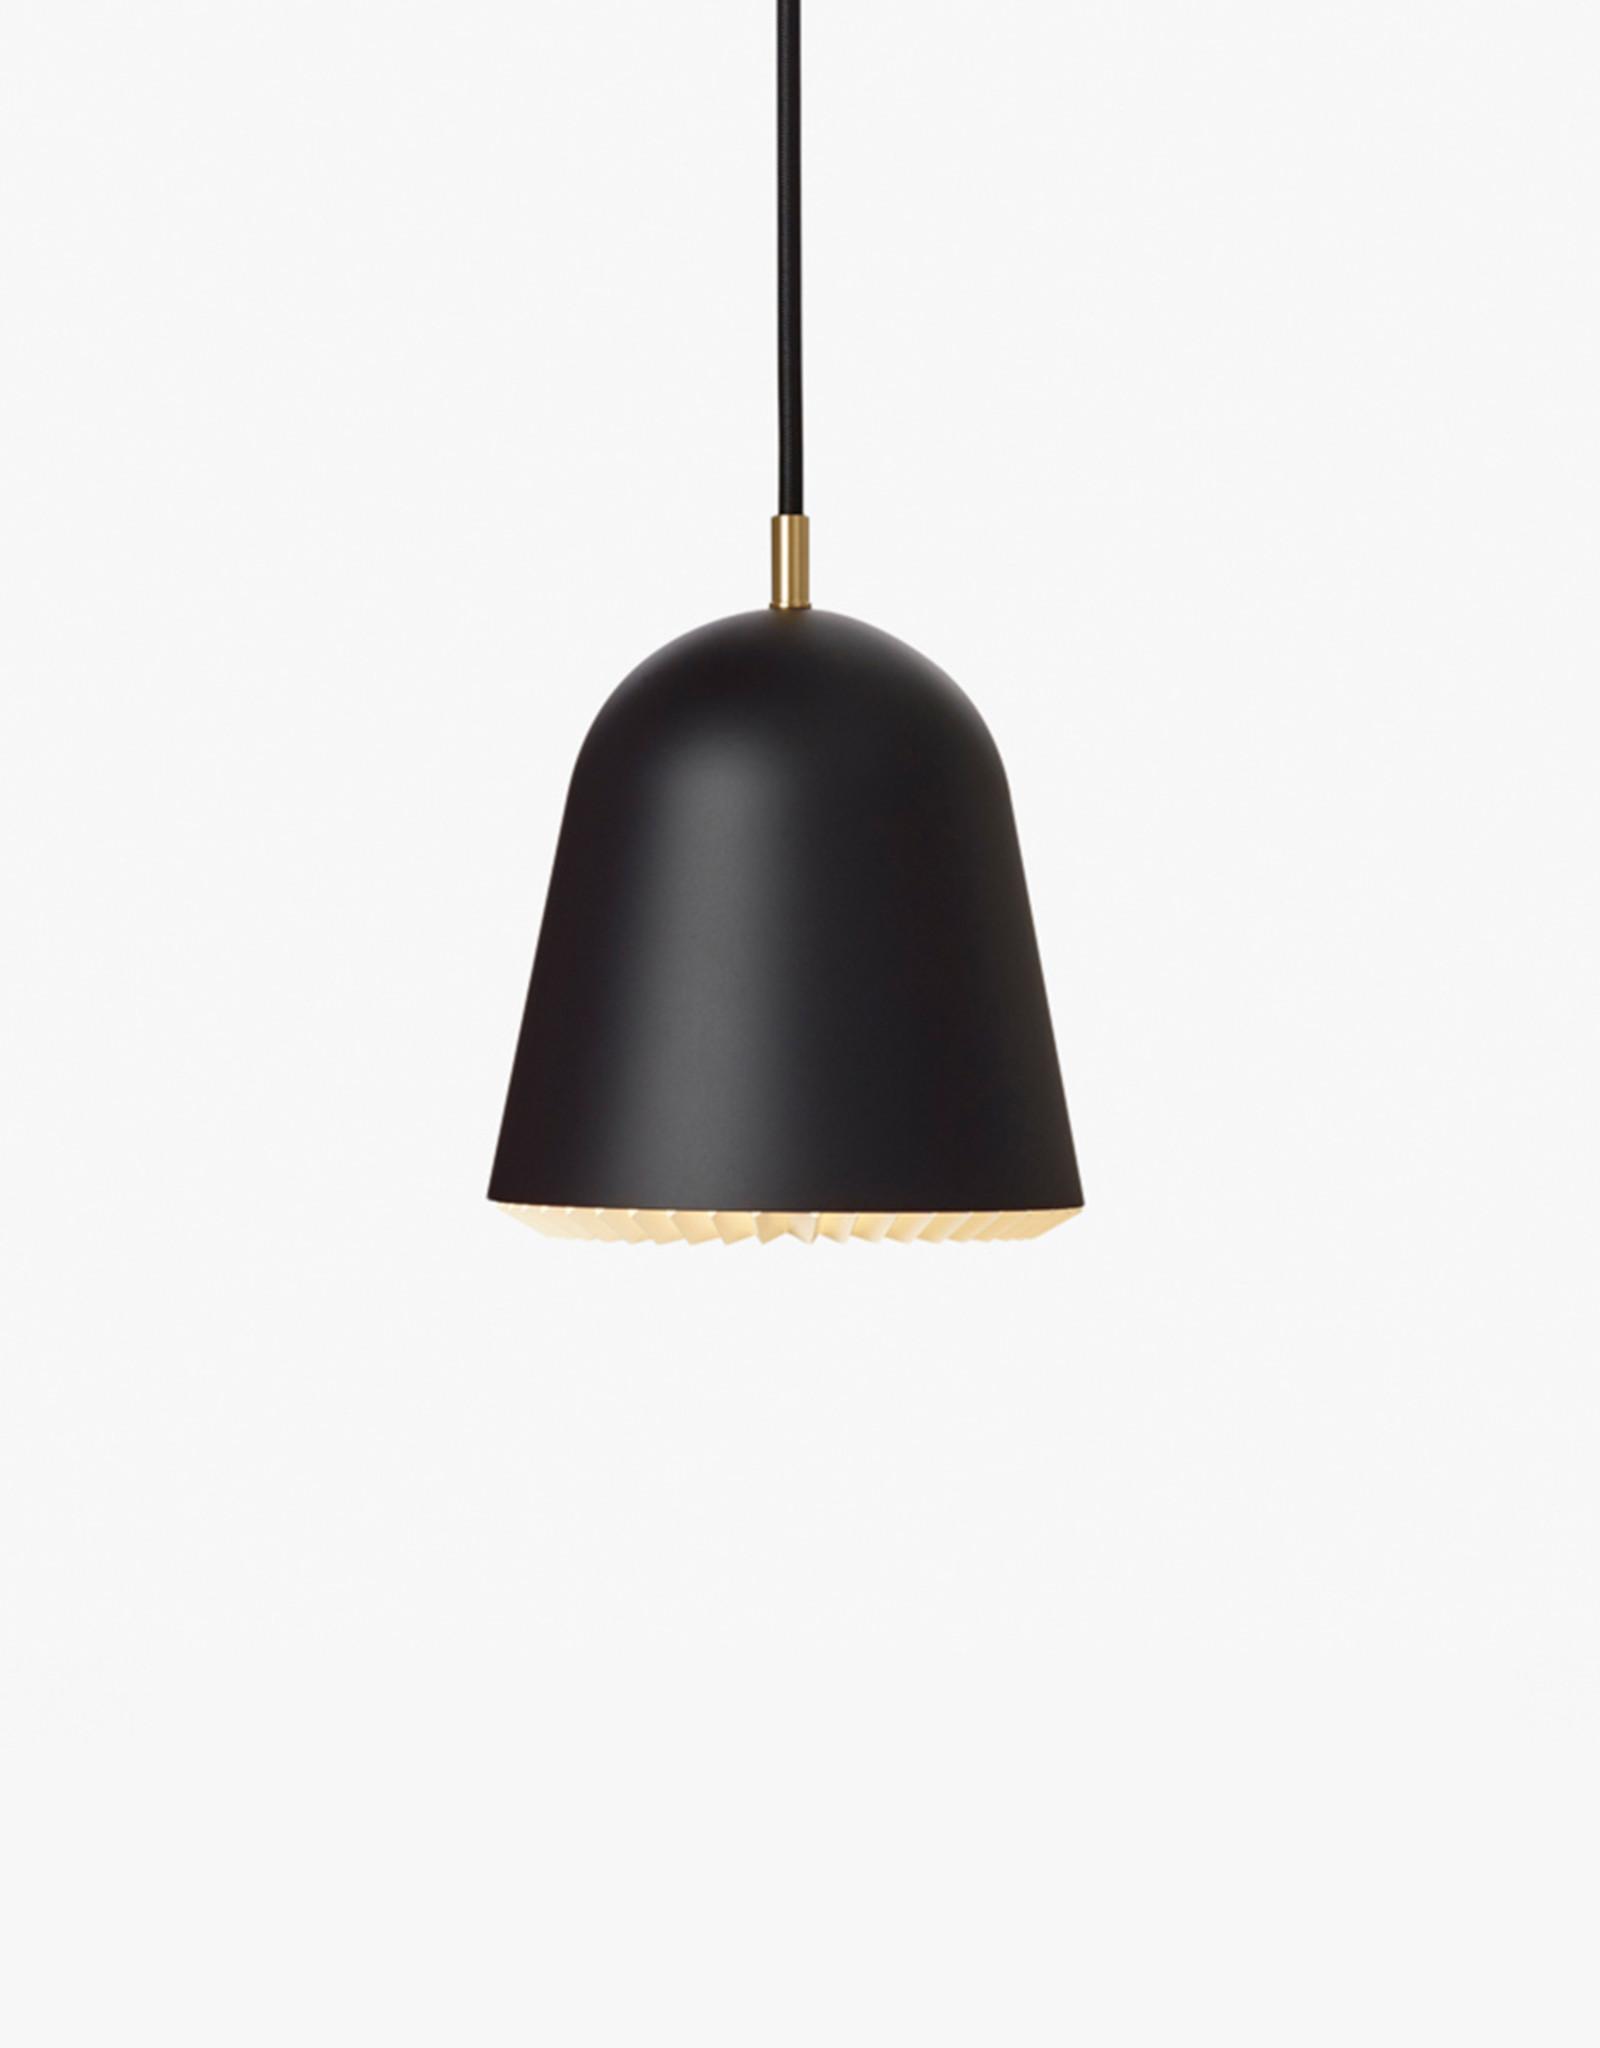 Caché pendant light by Aurelién Barbry | Black | XS